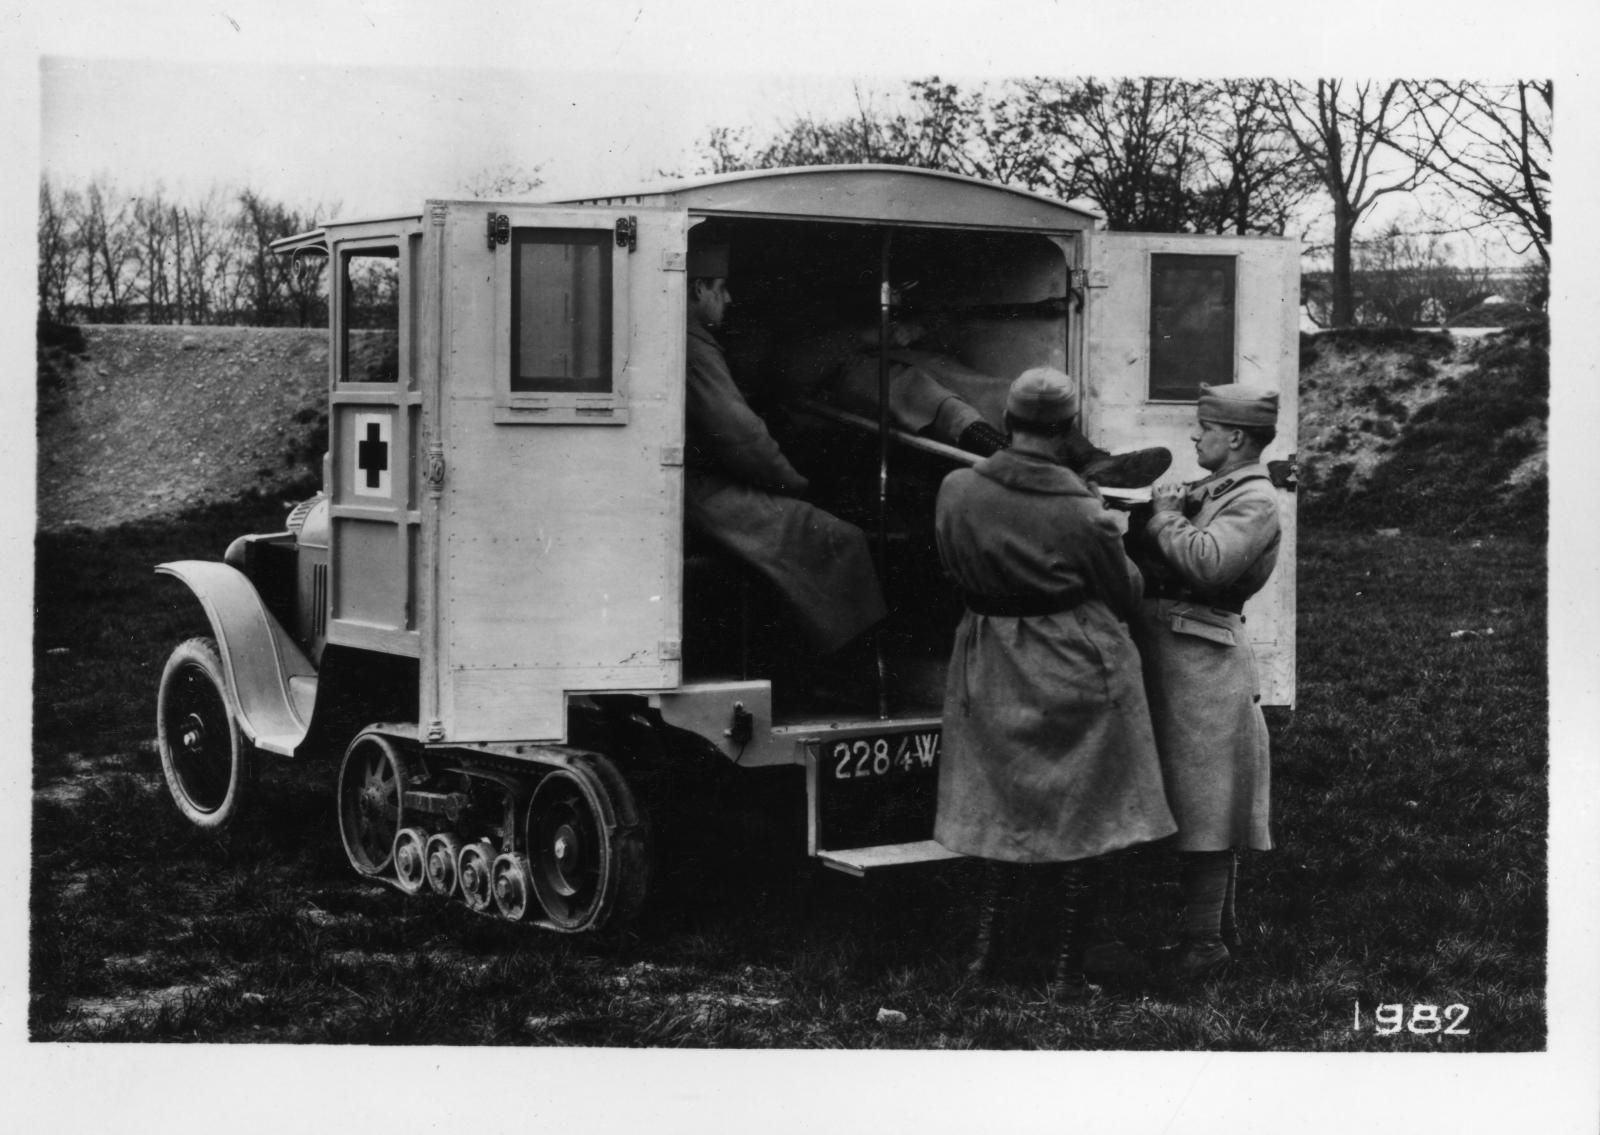 Typo K1, Autochenille B2 Ambulance